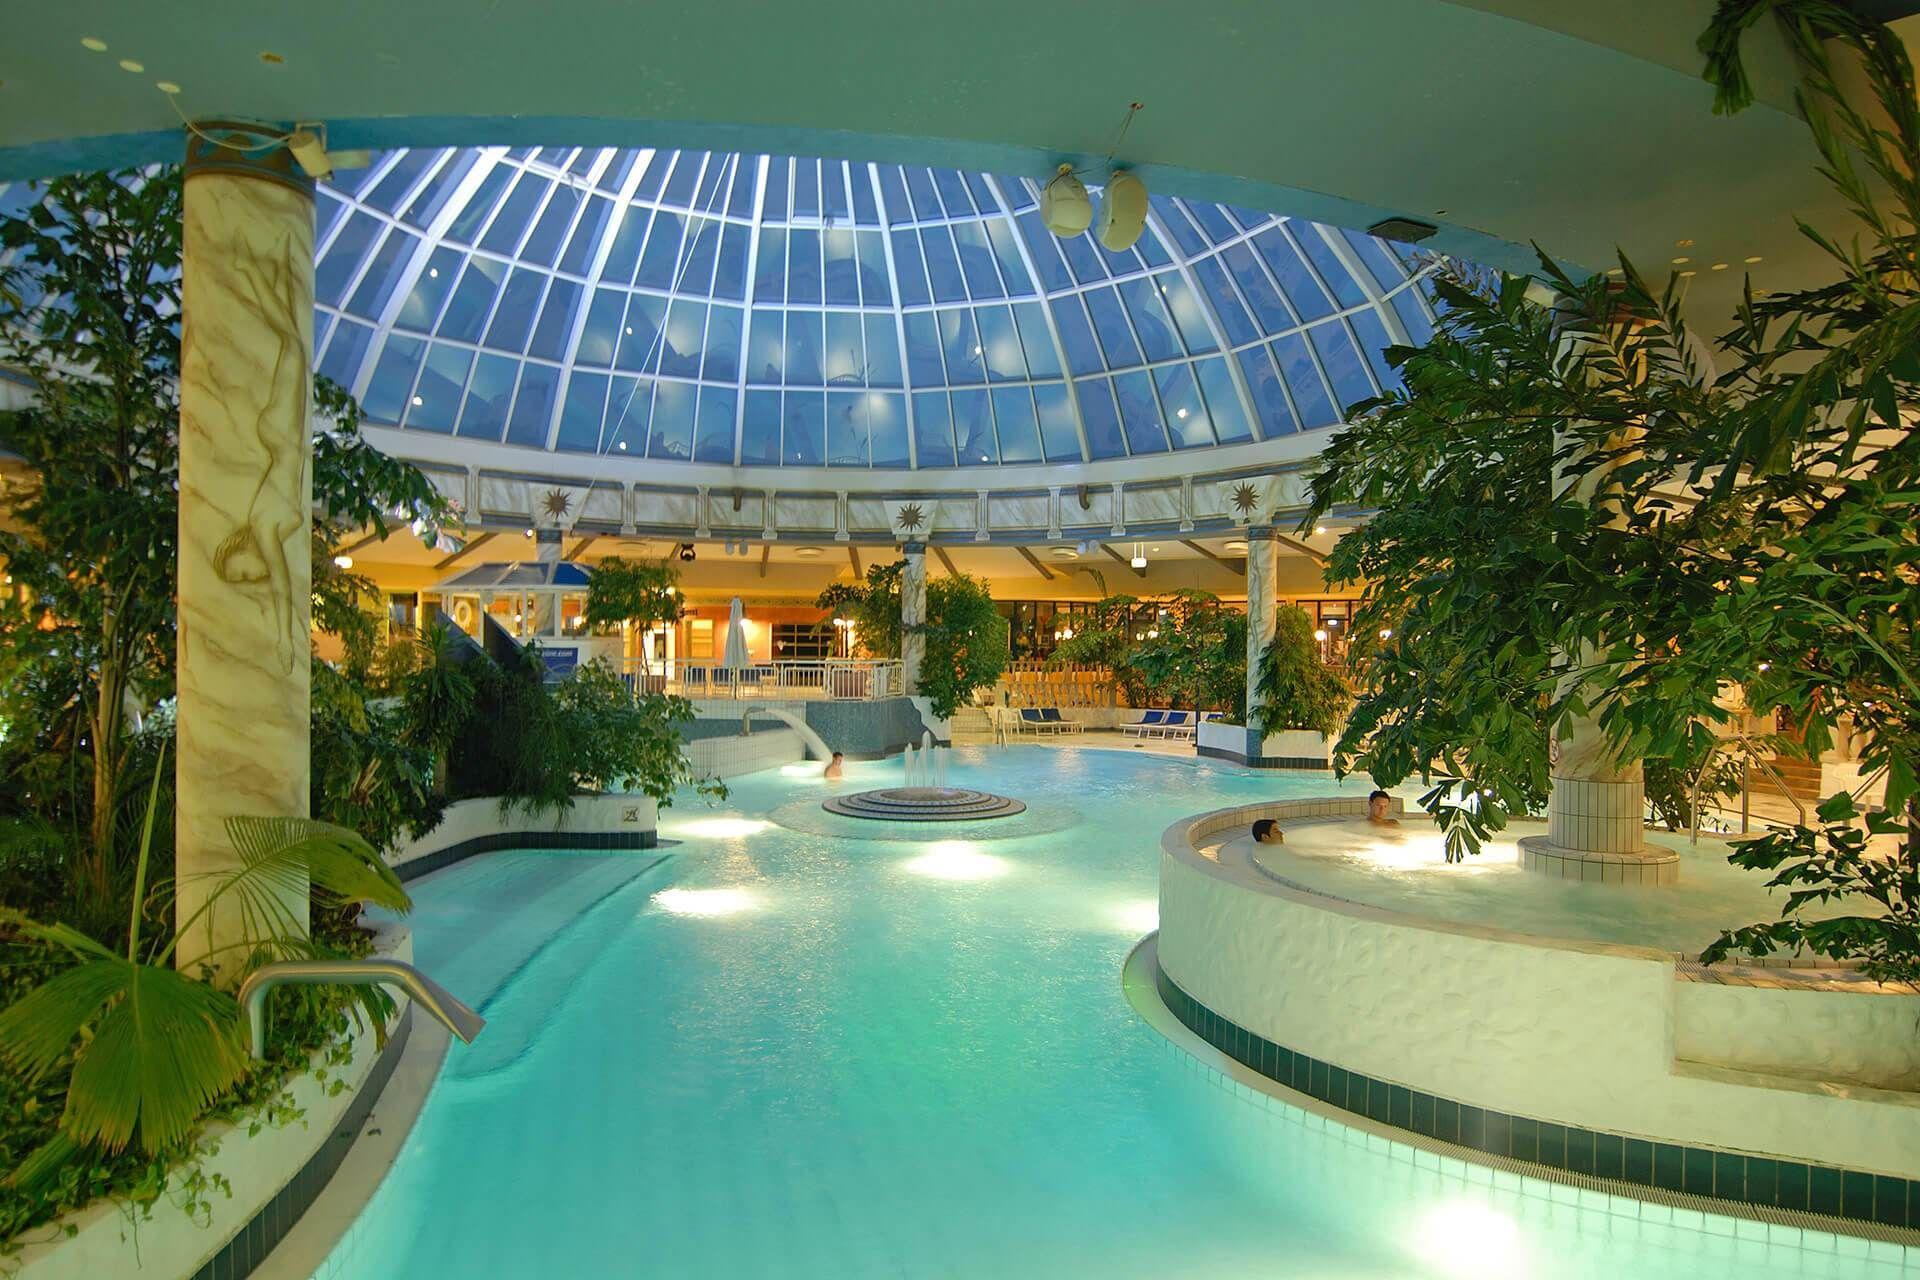 Wellness hotel near Frankfurt Vital Hotel at the thermal